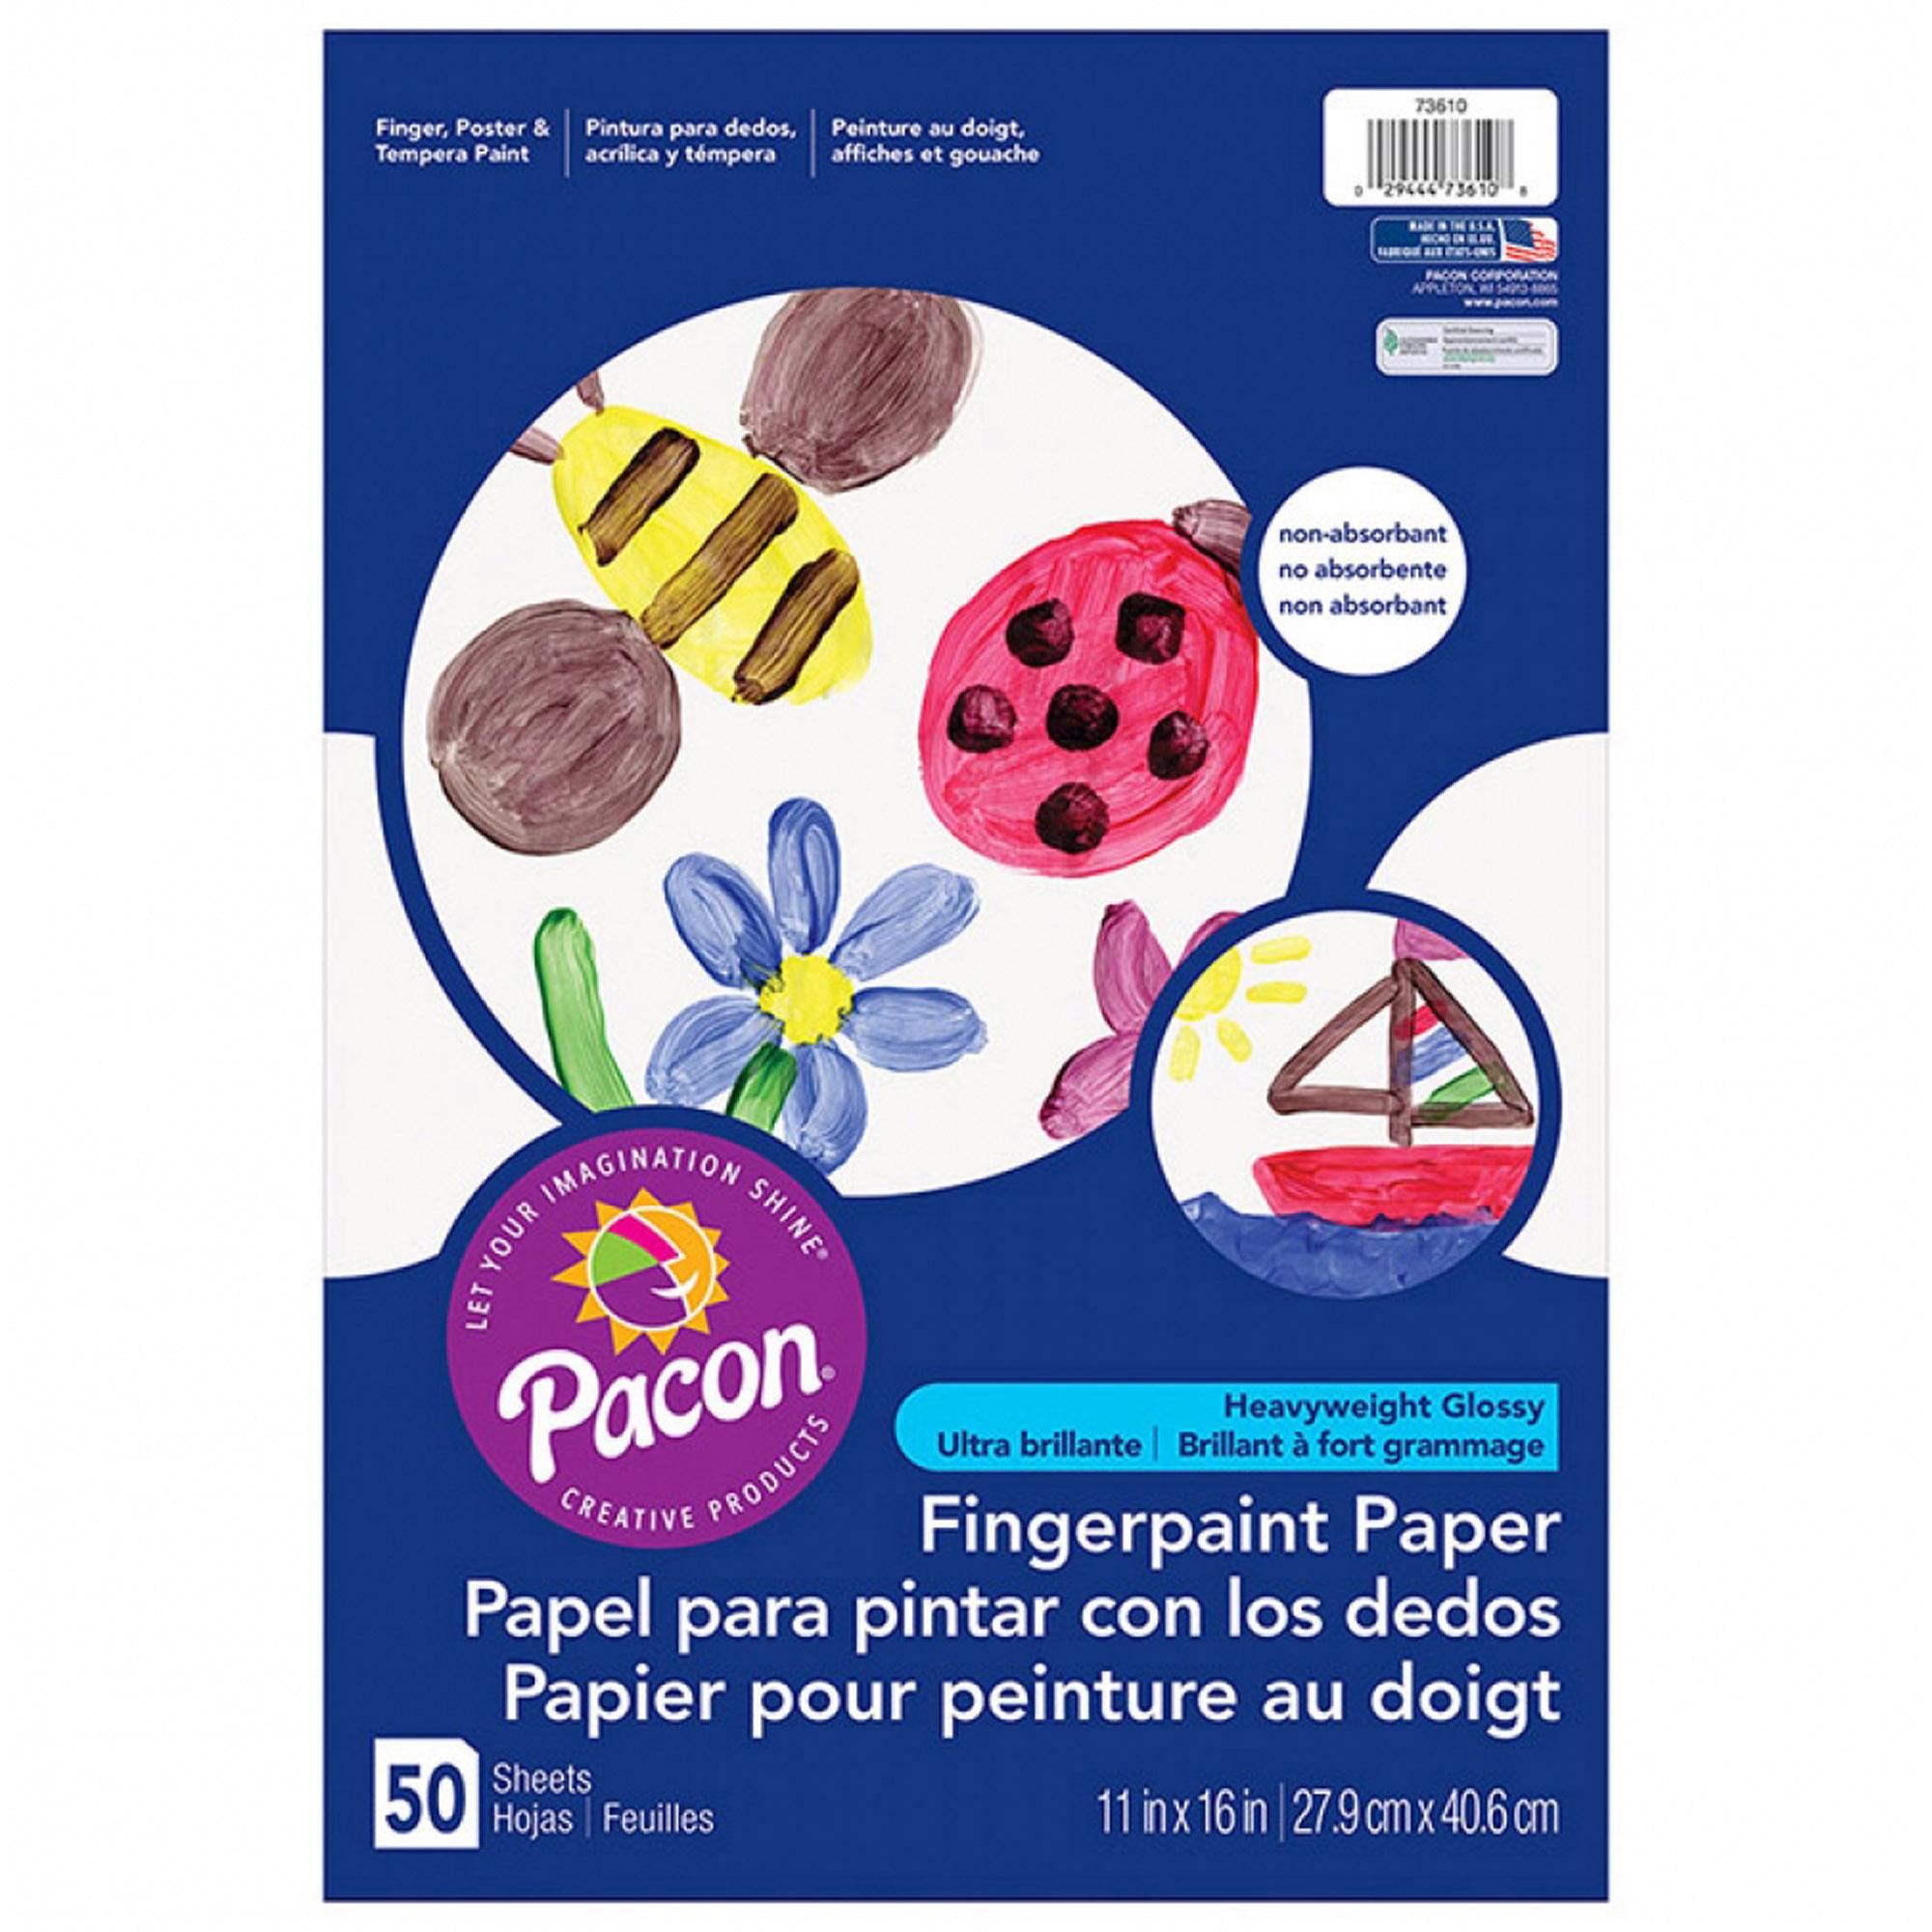 Fingerpaint Paper 11x16